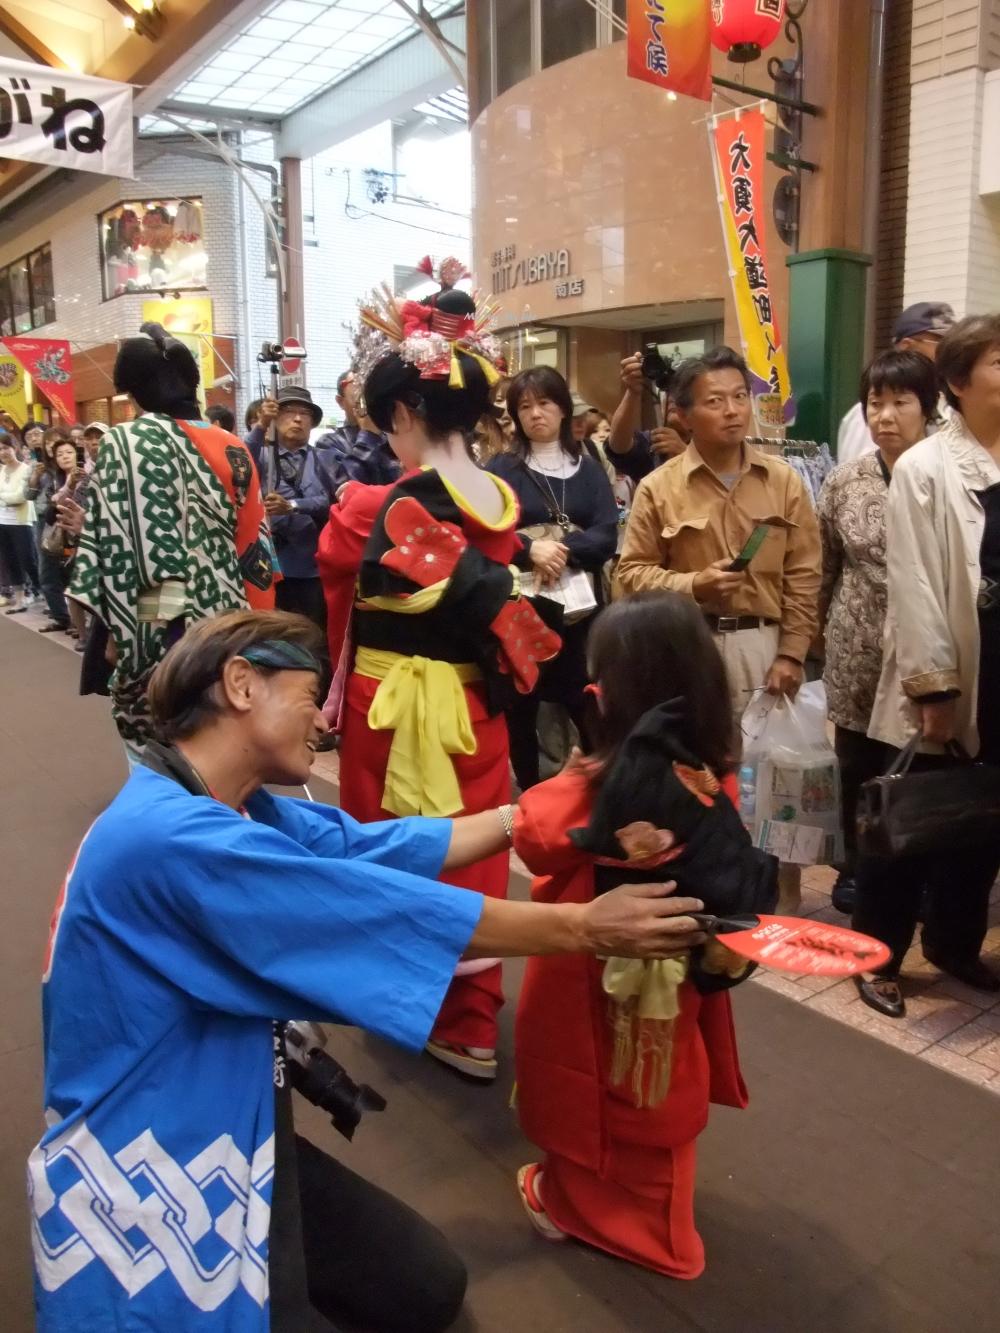 【日本旅遊】名古屋 – 名古屋祭、大須大道町人祭 @MY TRIP ‧ MY LIFE